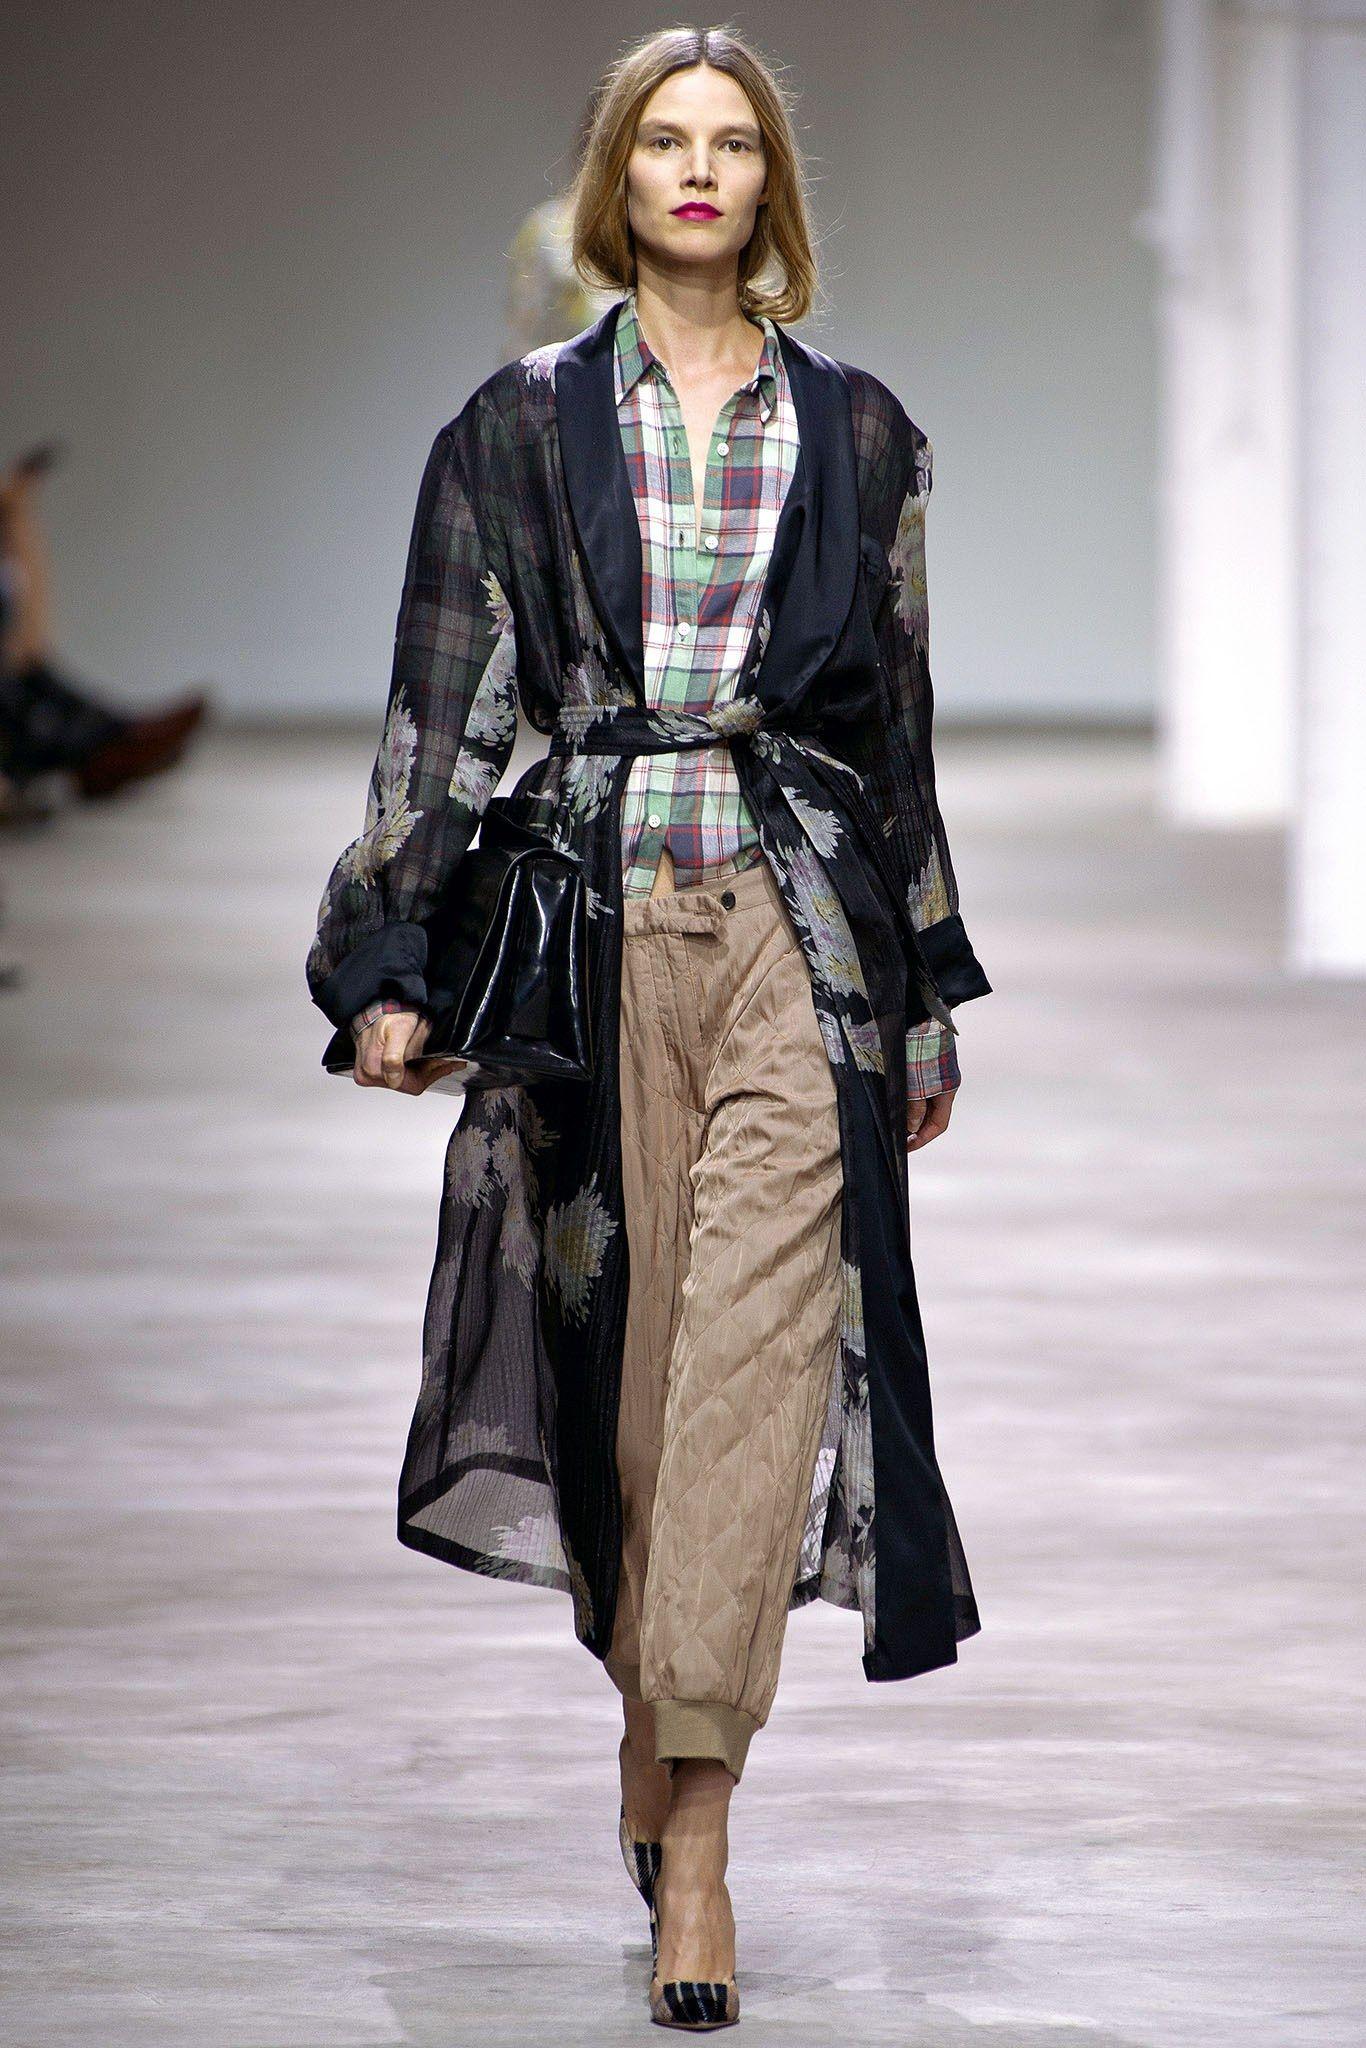 Dries Van Noten Spring 2013 Ready-to-Wear Fashion Show - Suvi Koponen (Next)